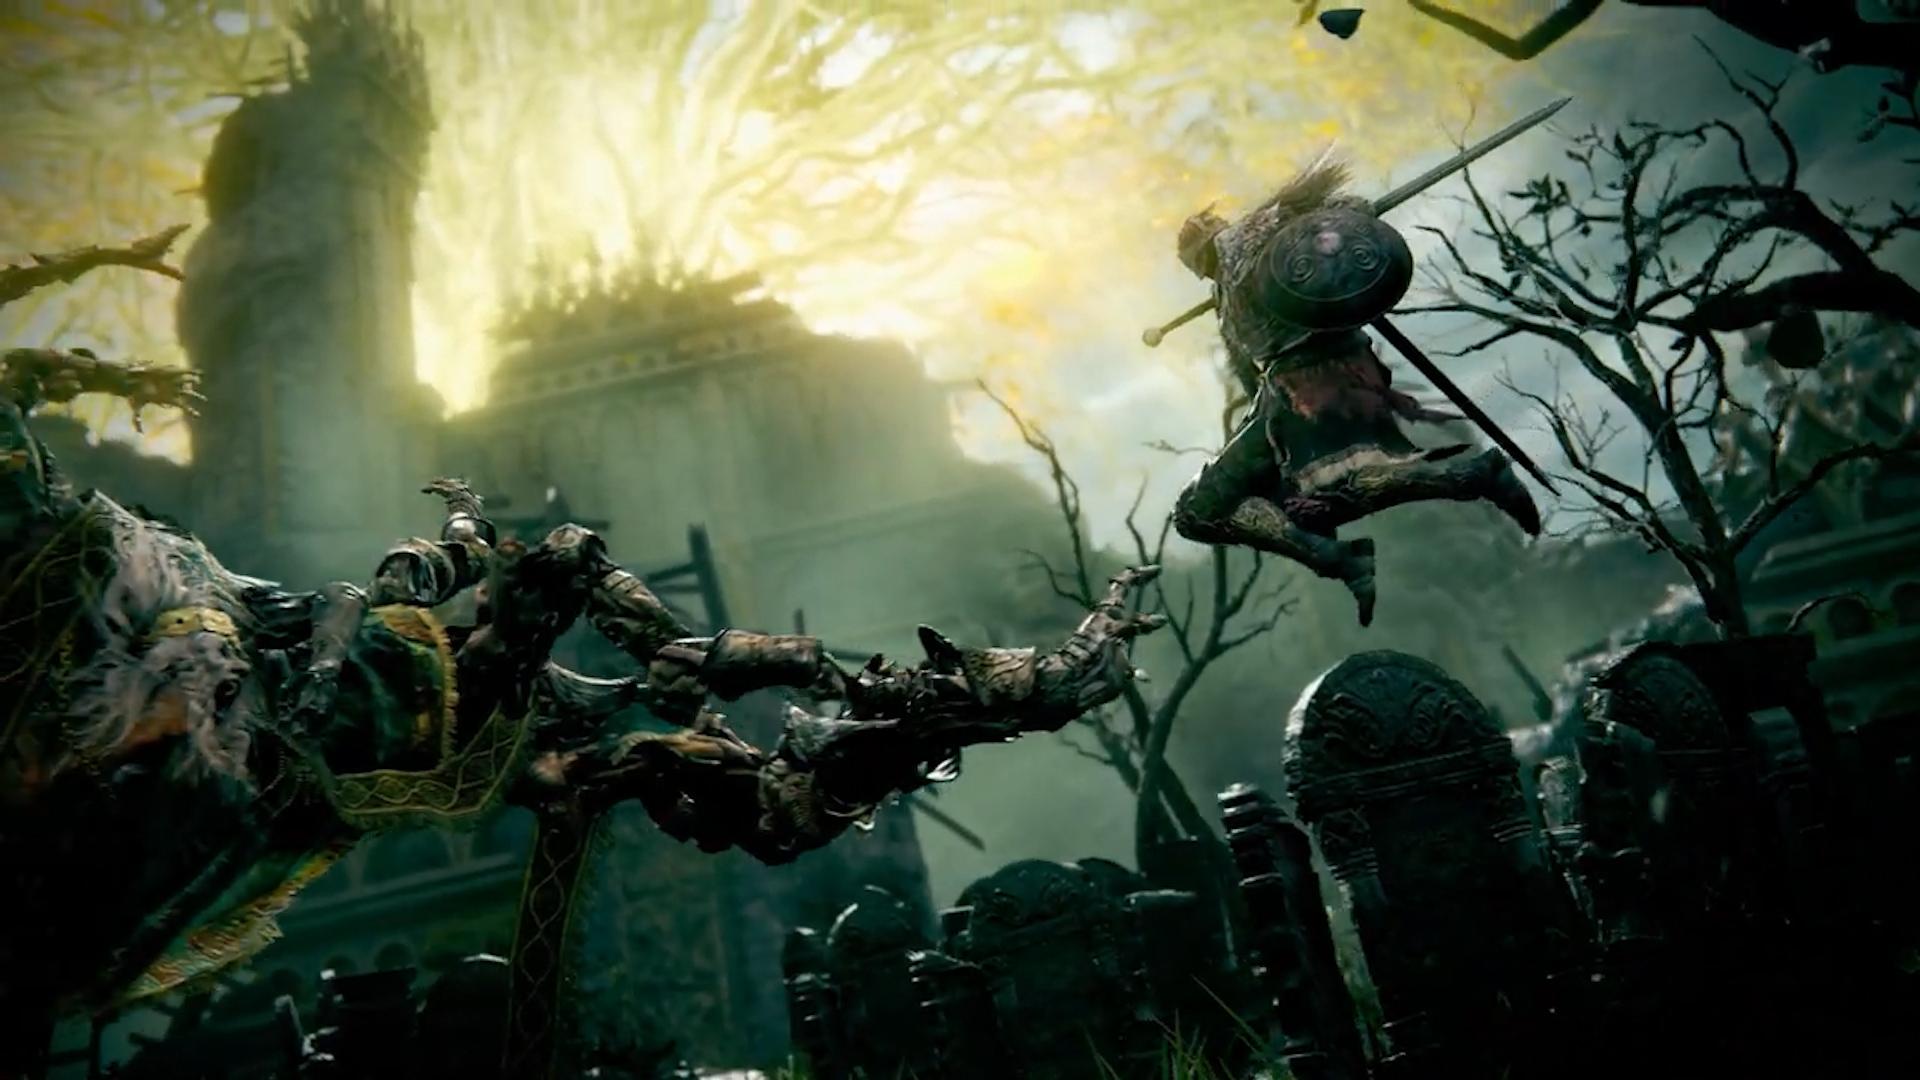 Огнедышащие драконы и страшные монстры: Появился первый геймплейный трейлер, и озвучена дата выхода игры Elden Ring